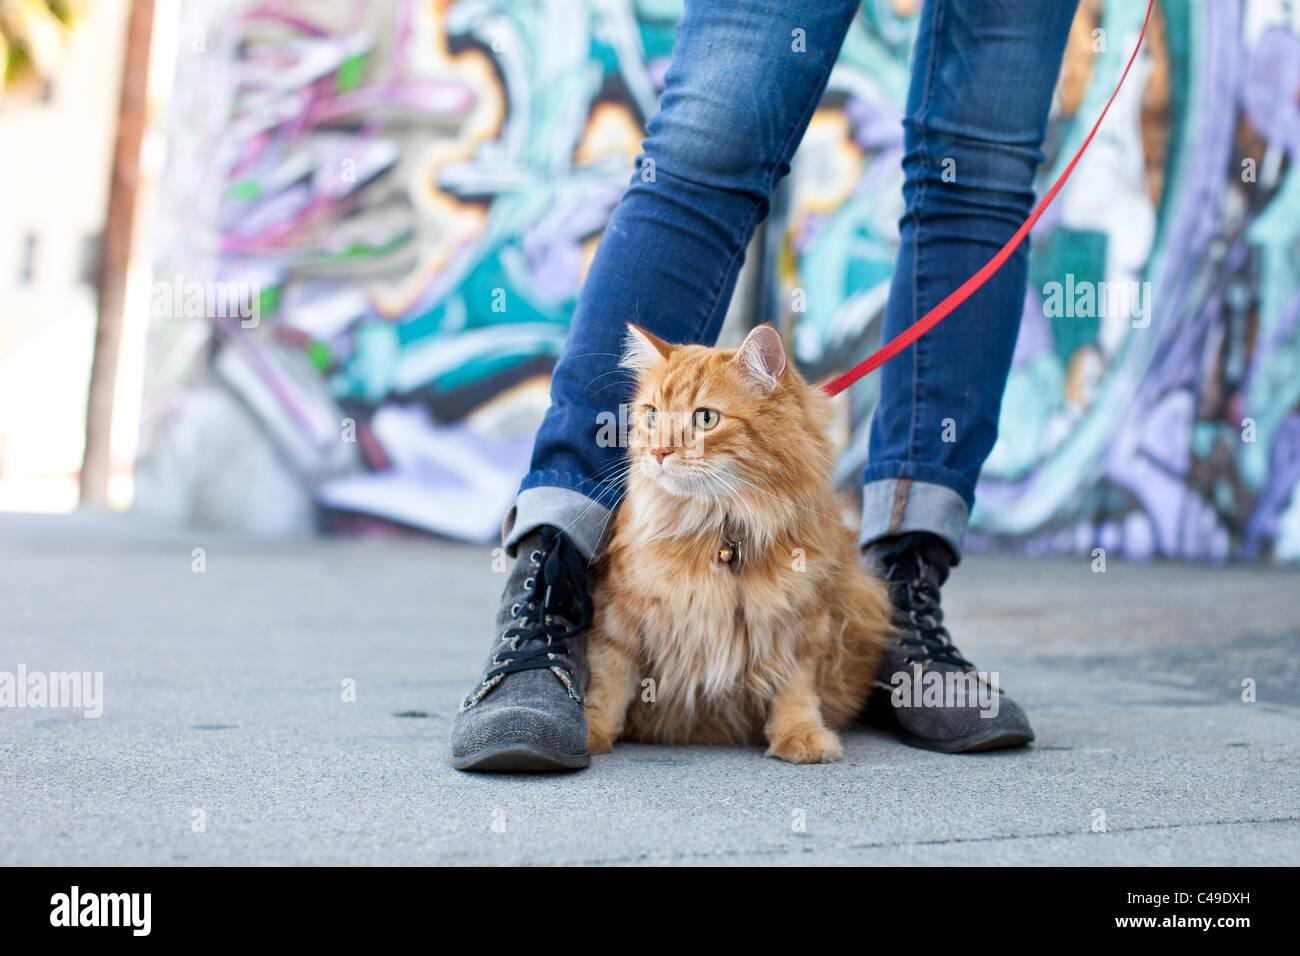 Un pequeño gato naranja longhaired en un arnés y correa sentado entre los pies de su dueño en un Imagen De Stock